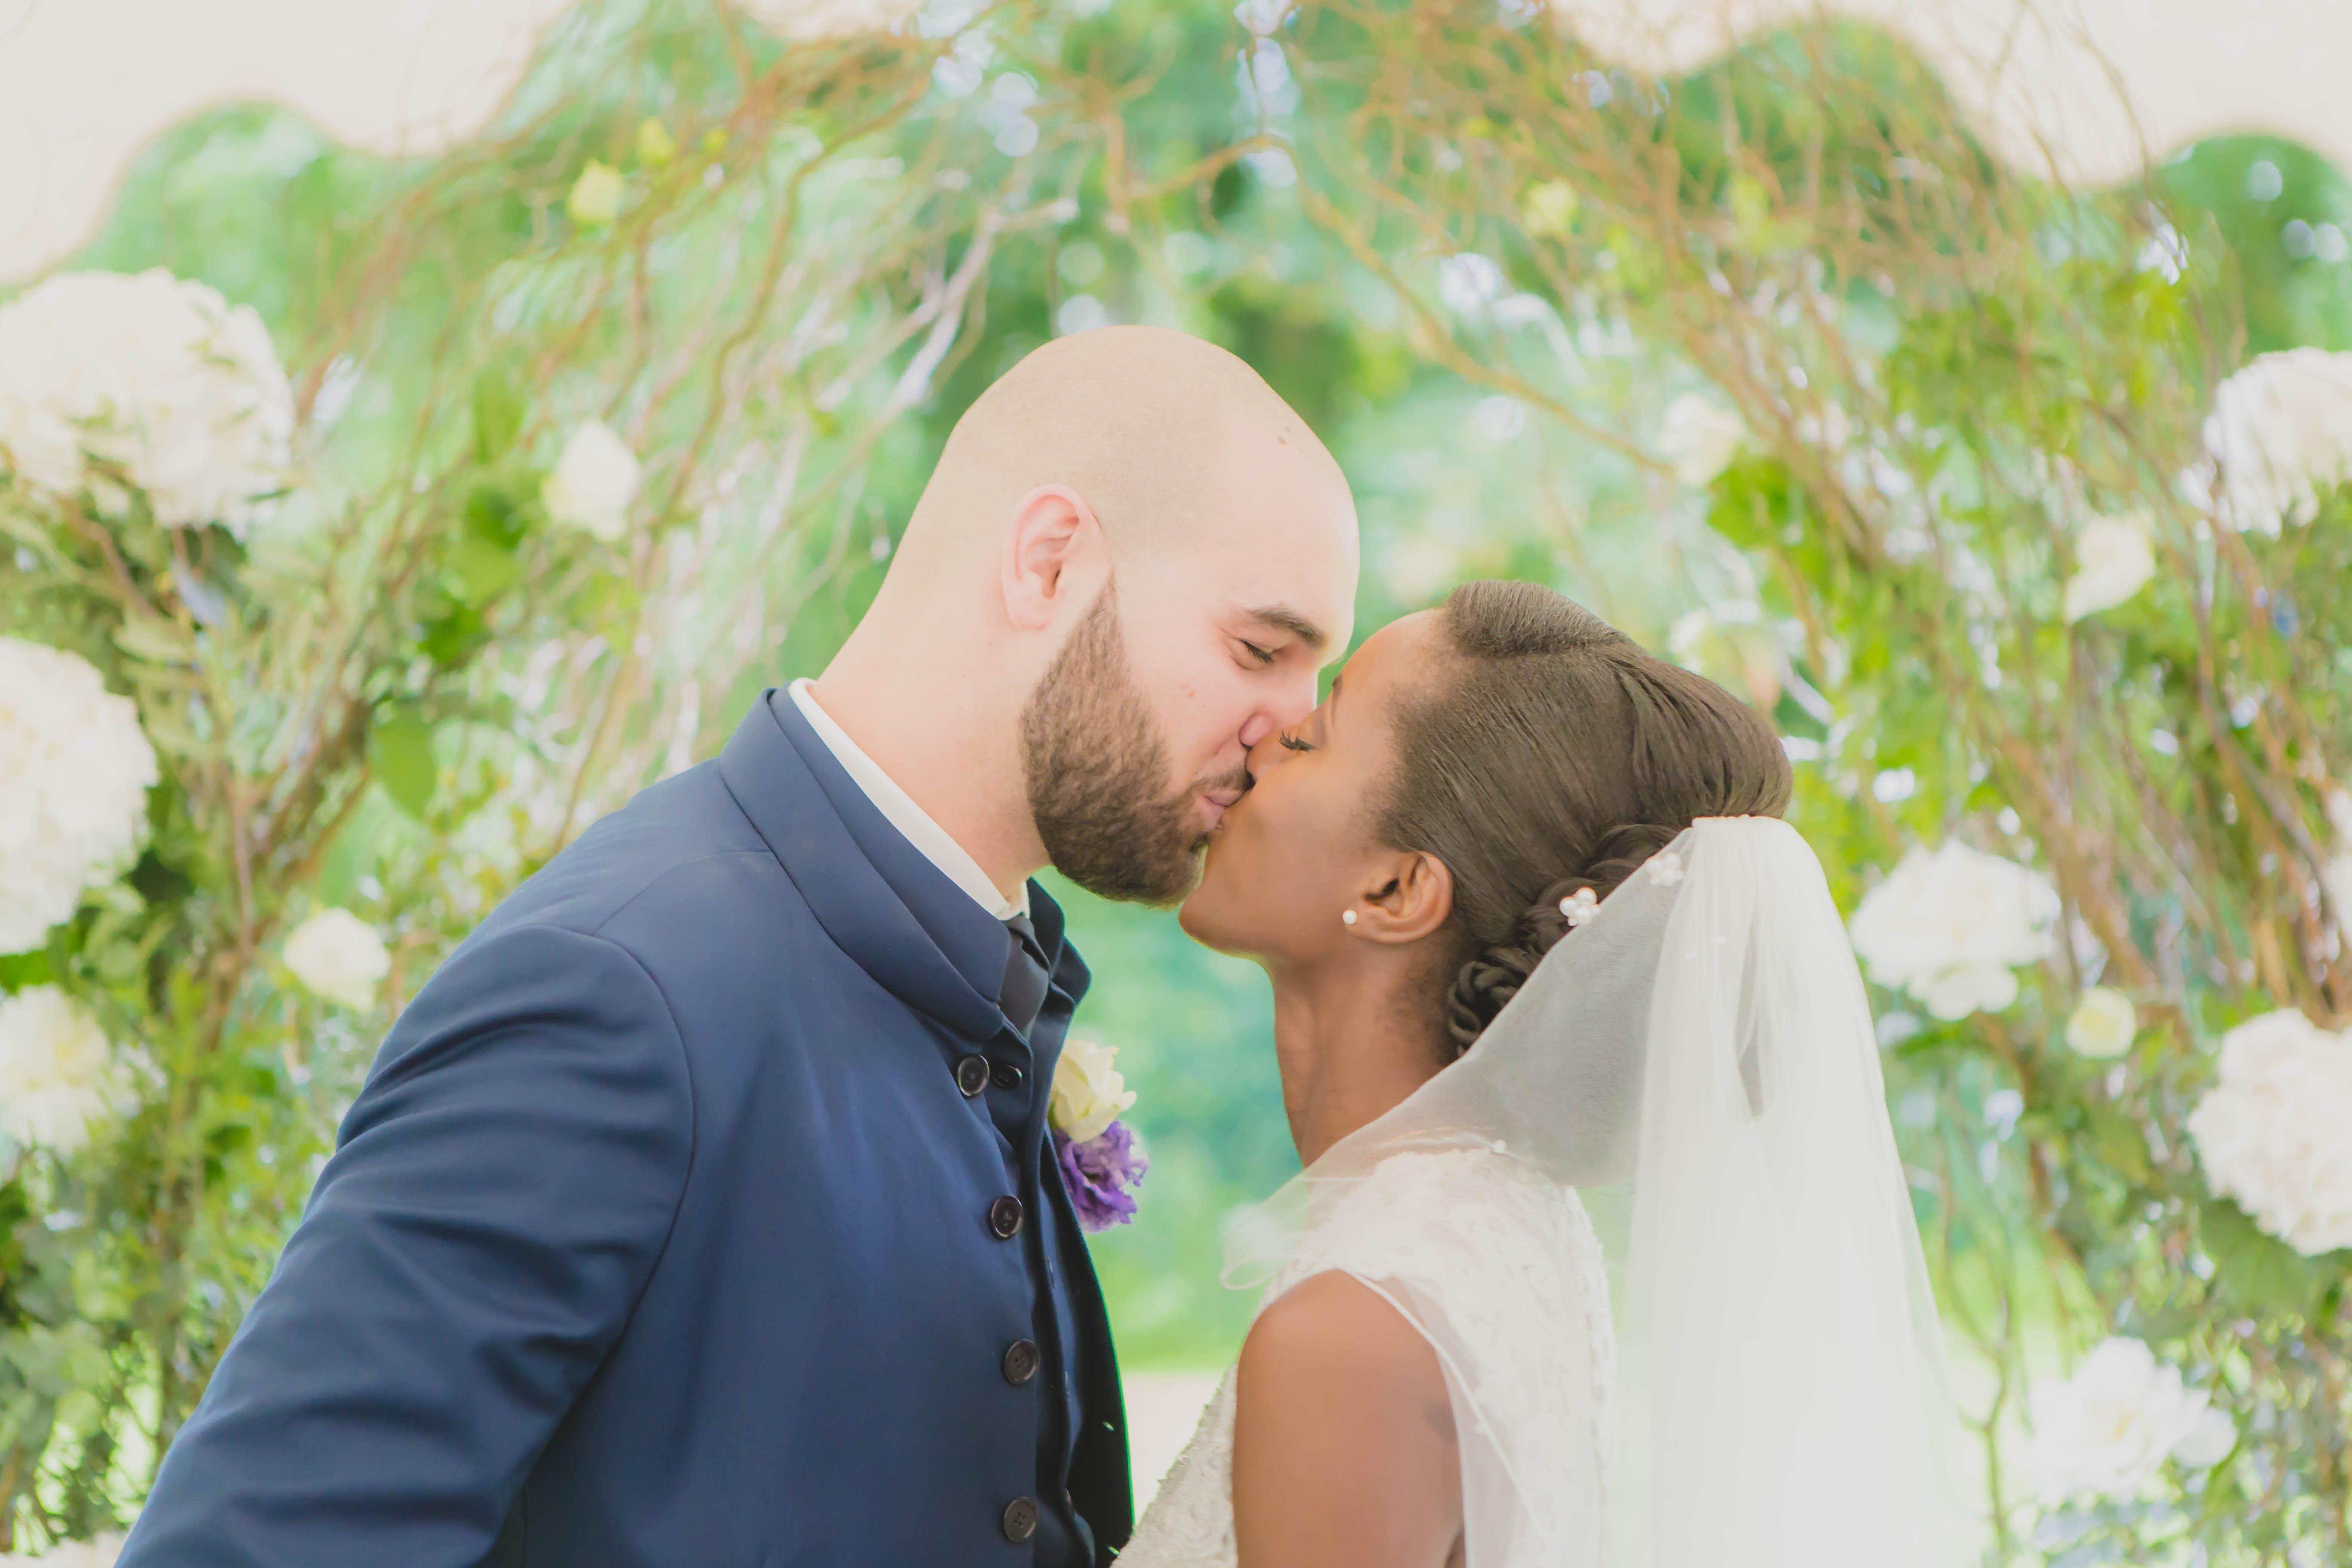 Le mariage d'Estelle et Oleg